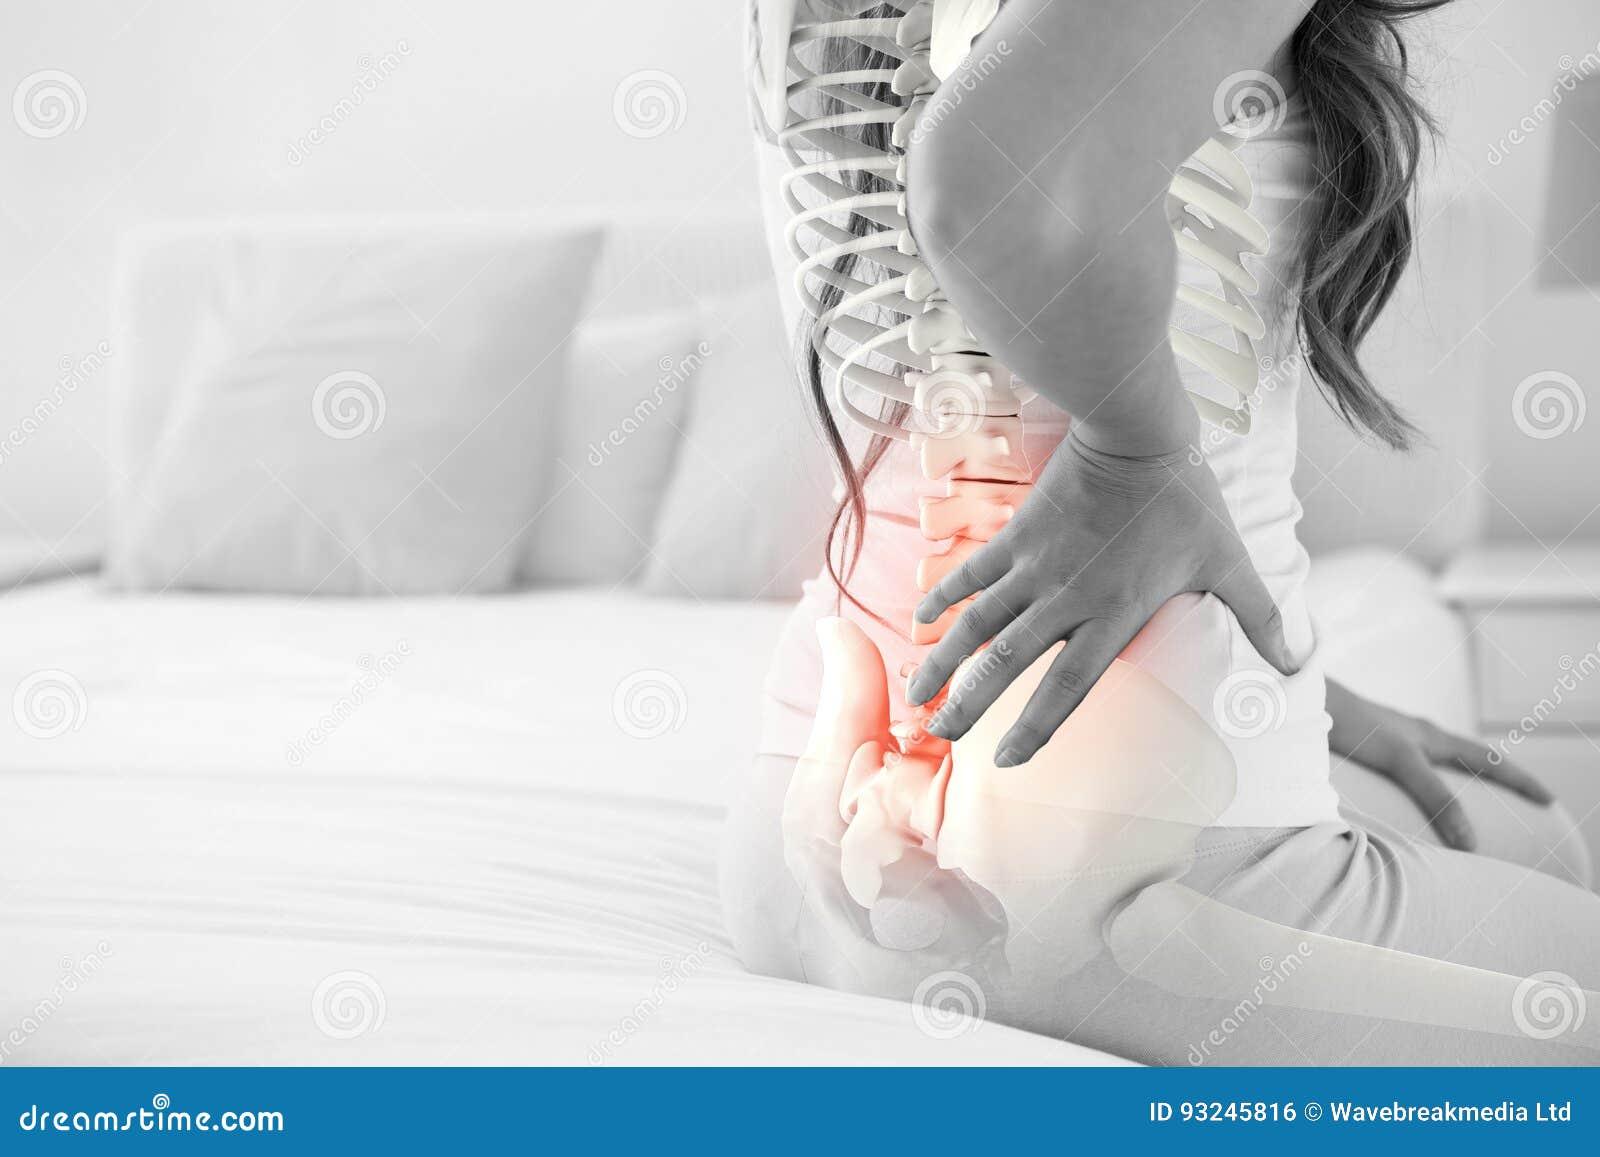 Composto di Digital della spina dorsale Highlighted della donna con dolore alla schiena